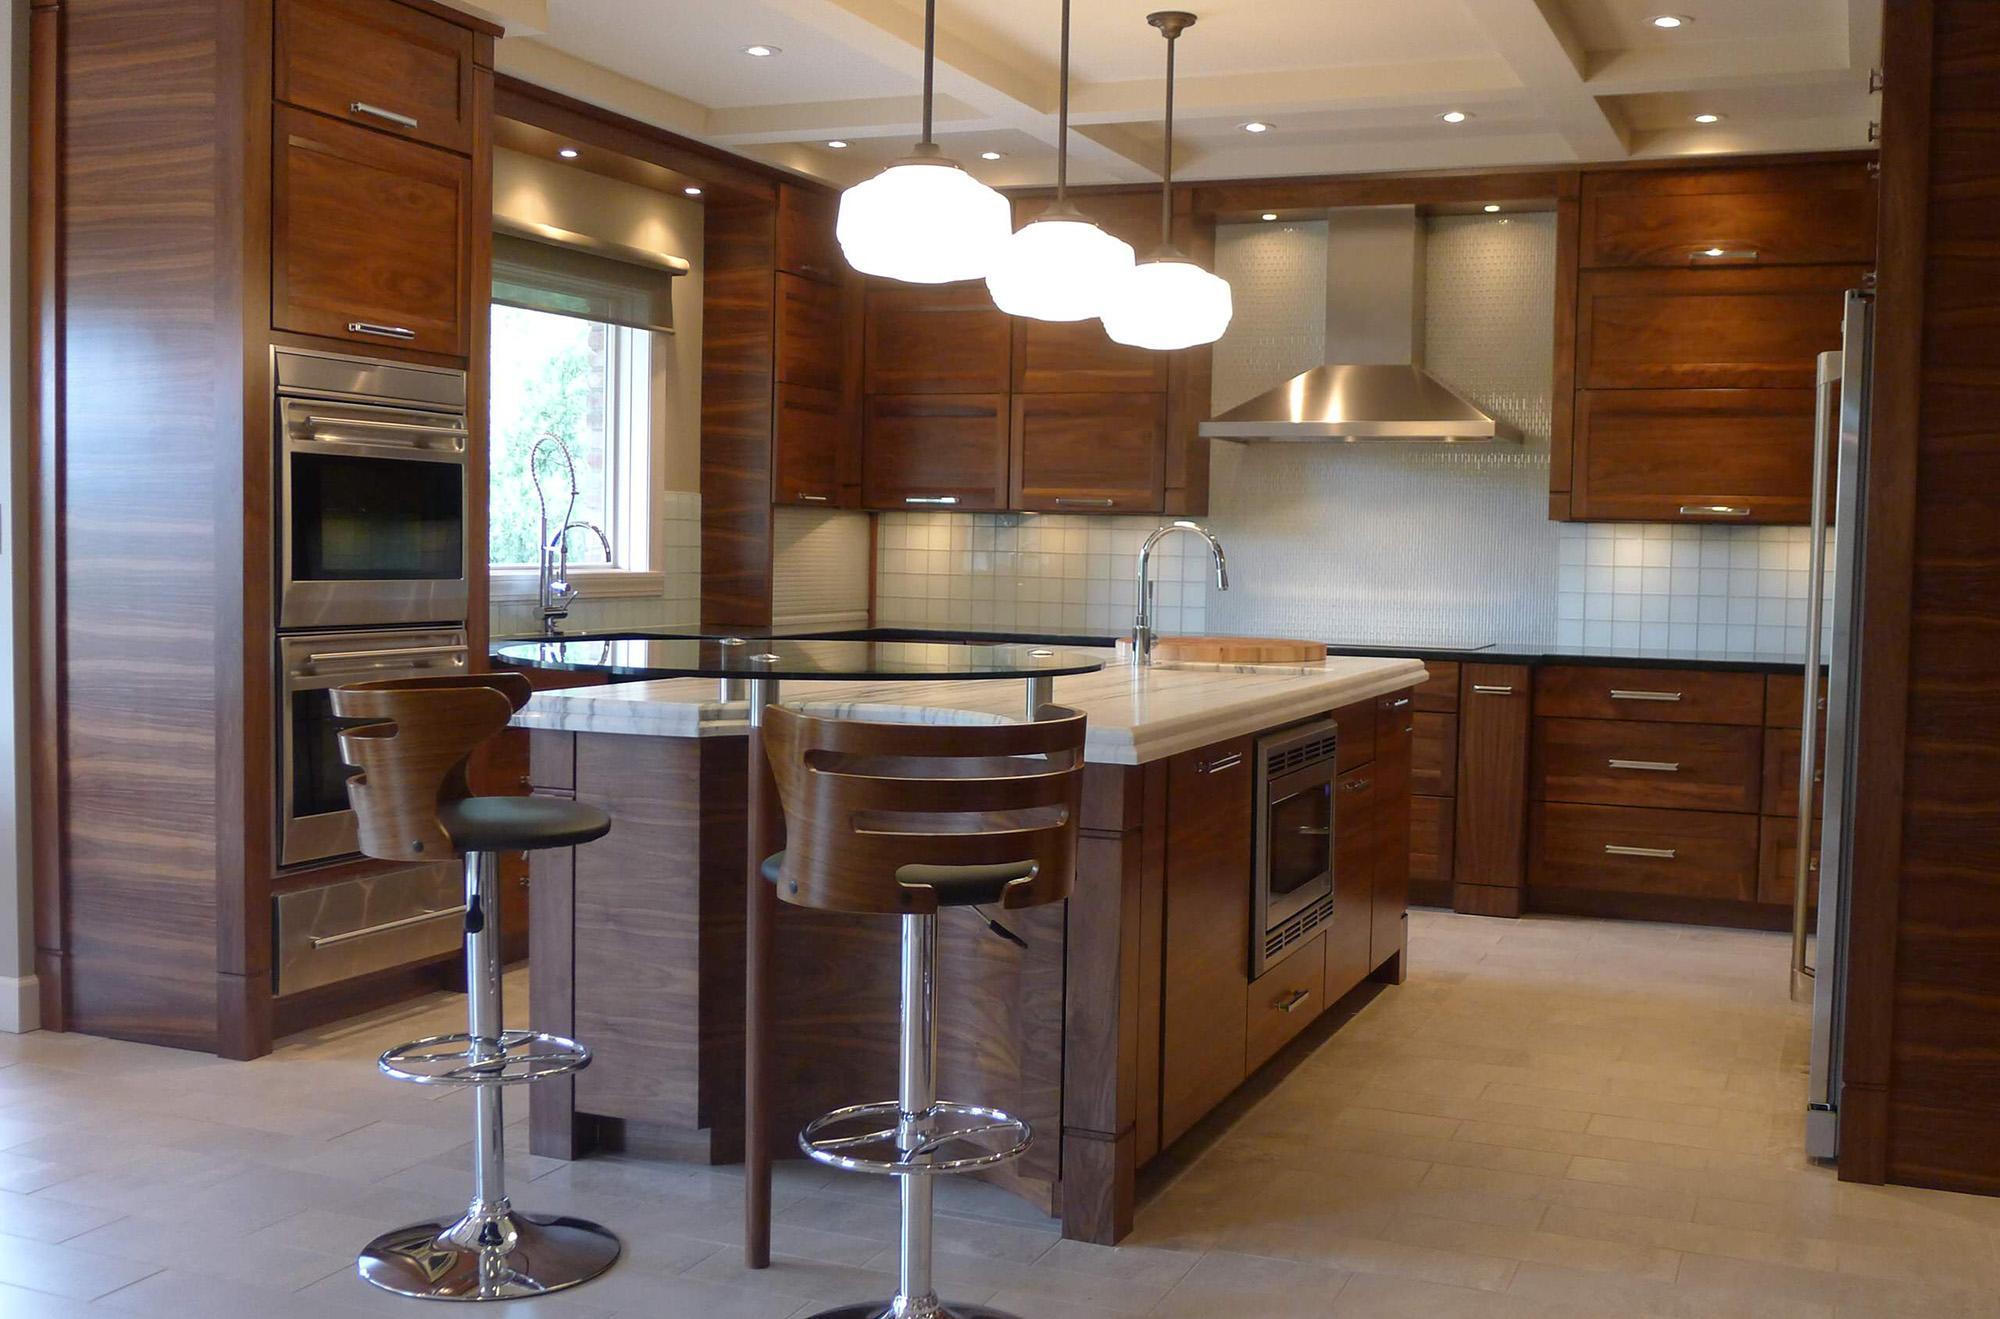 Двухуровневый потолок с разными источниками освещения на кухне